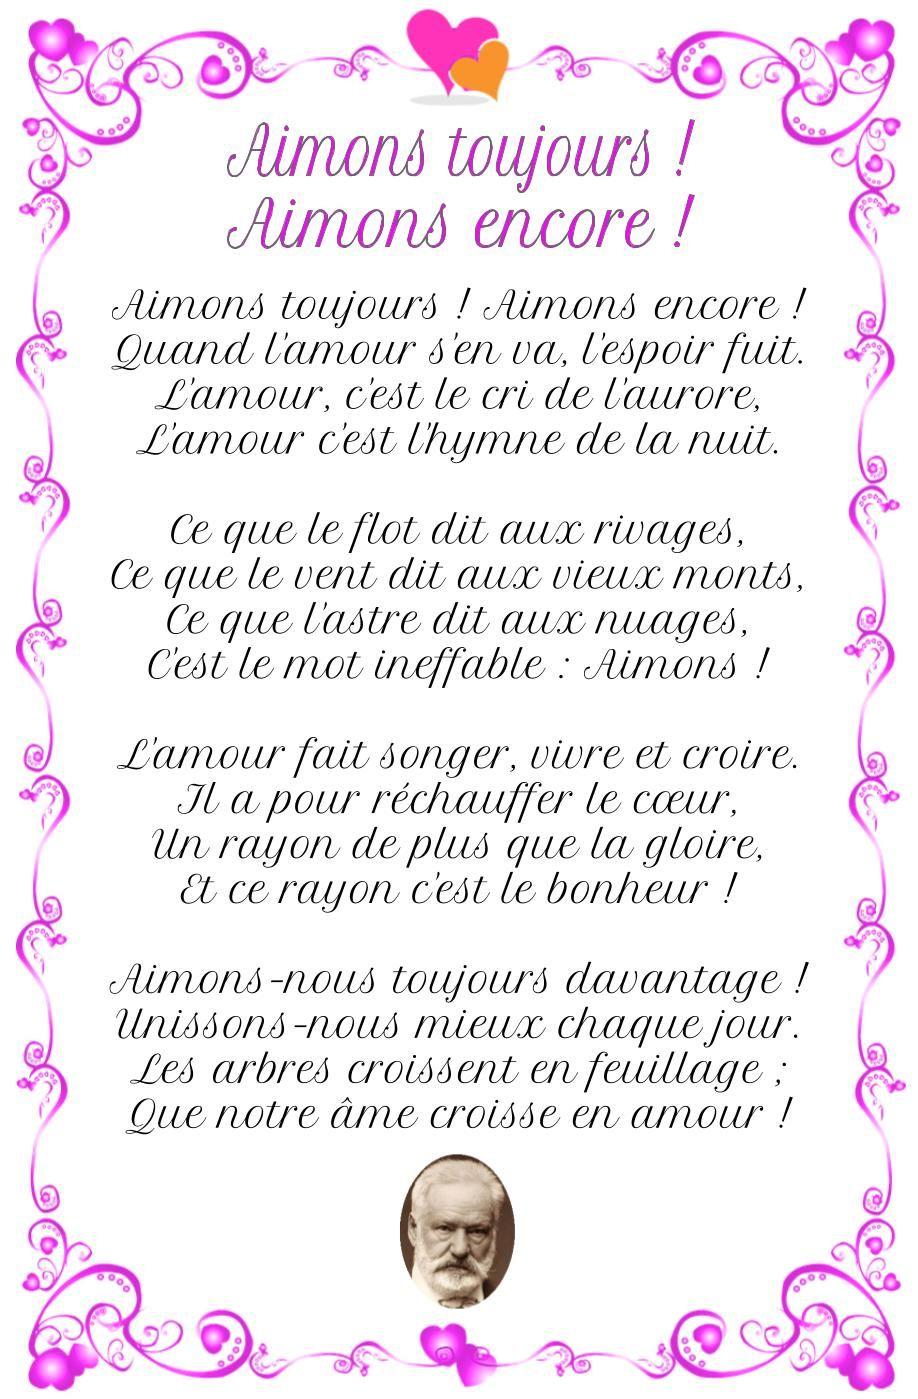 Poesie D Amour Aimons Toujours Aimons Encore Victor Hugo Poesie D Amour Poesie De Victor Hugo Victor Hugo